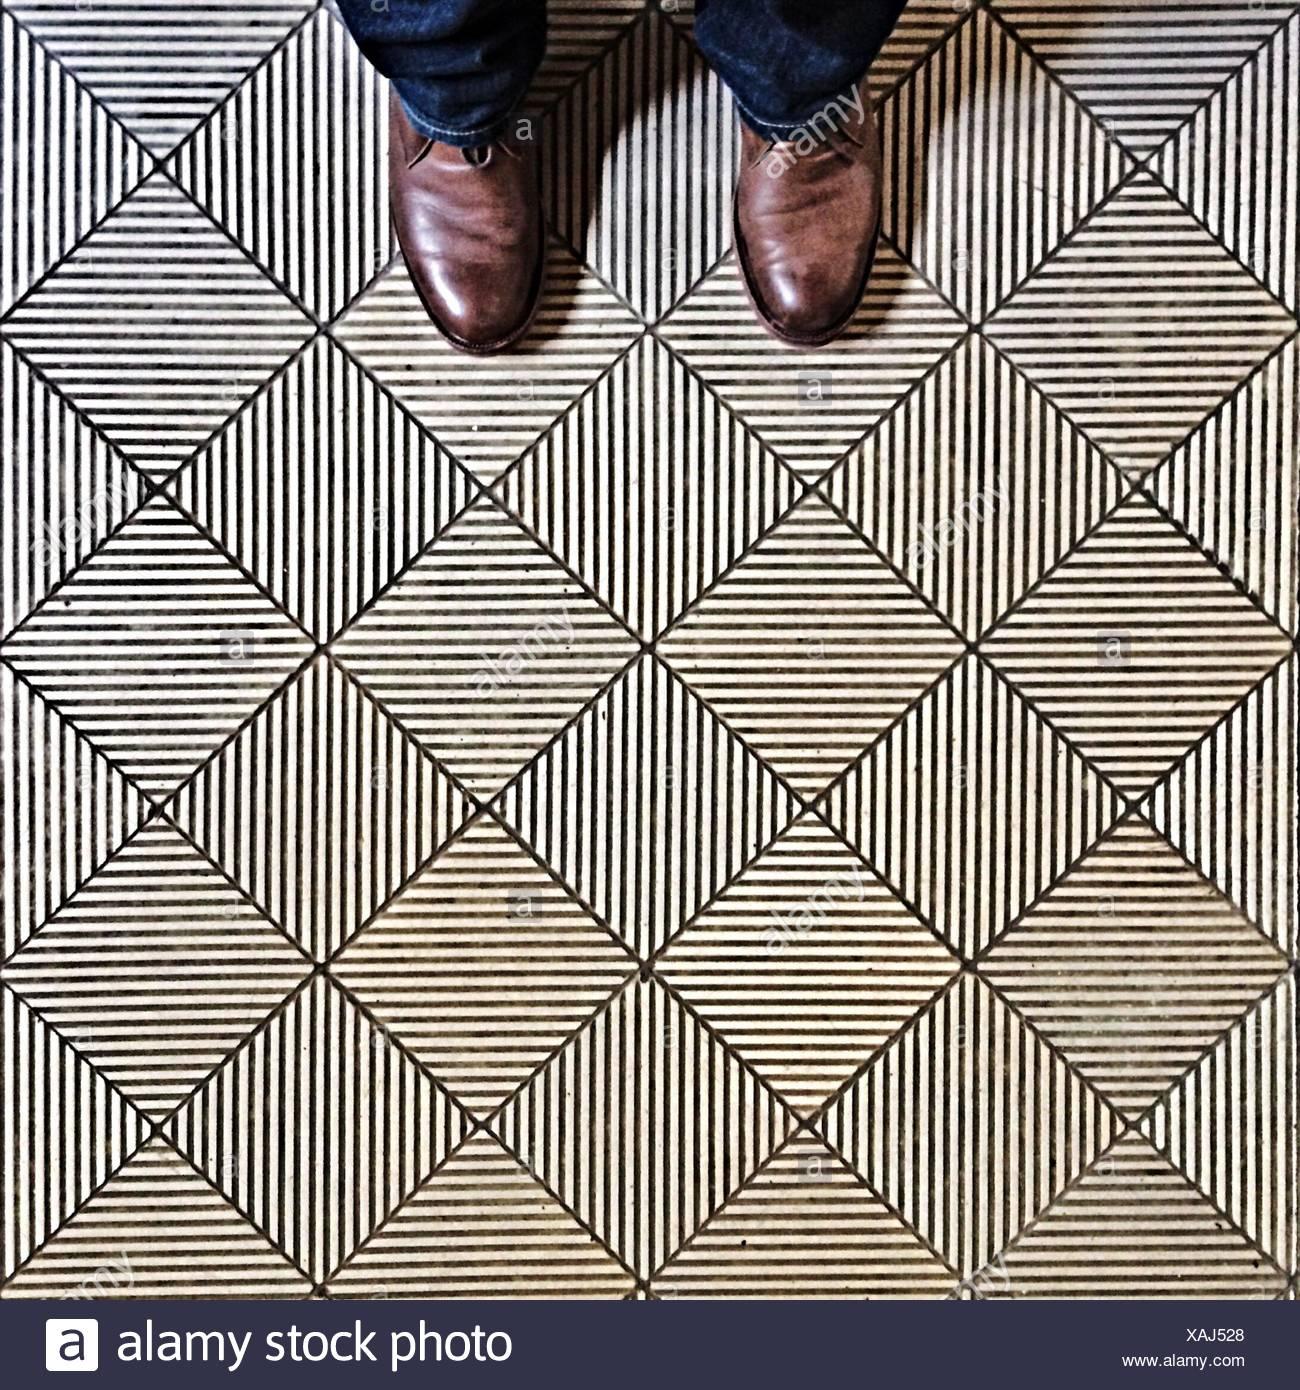 Man's Feet On Floor - Stock Image